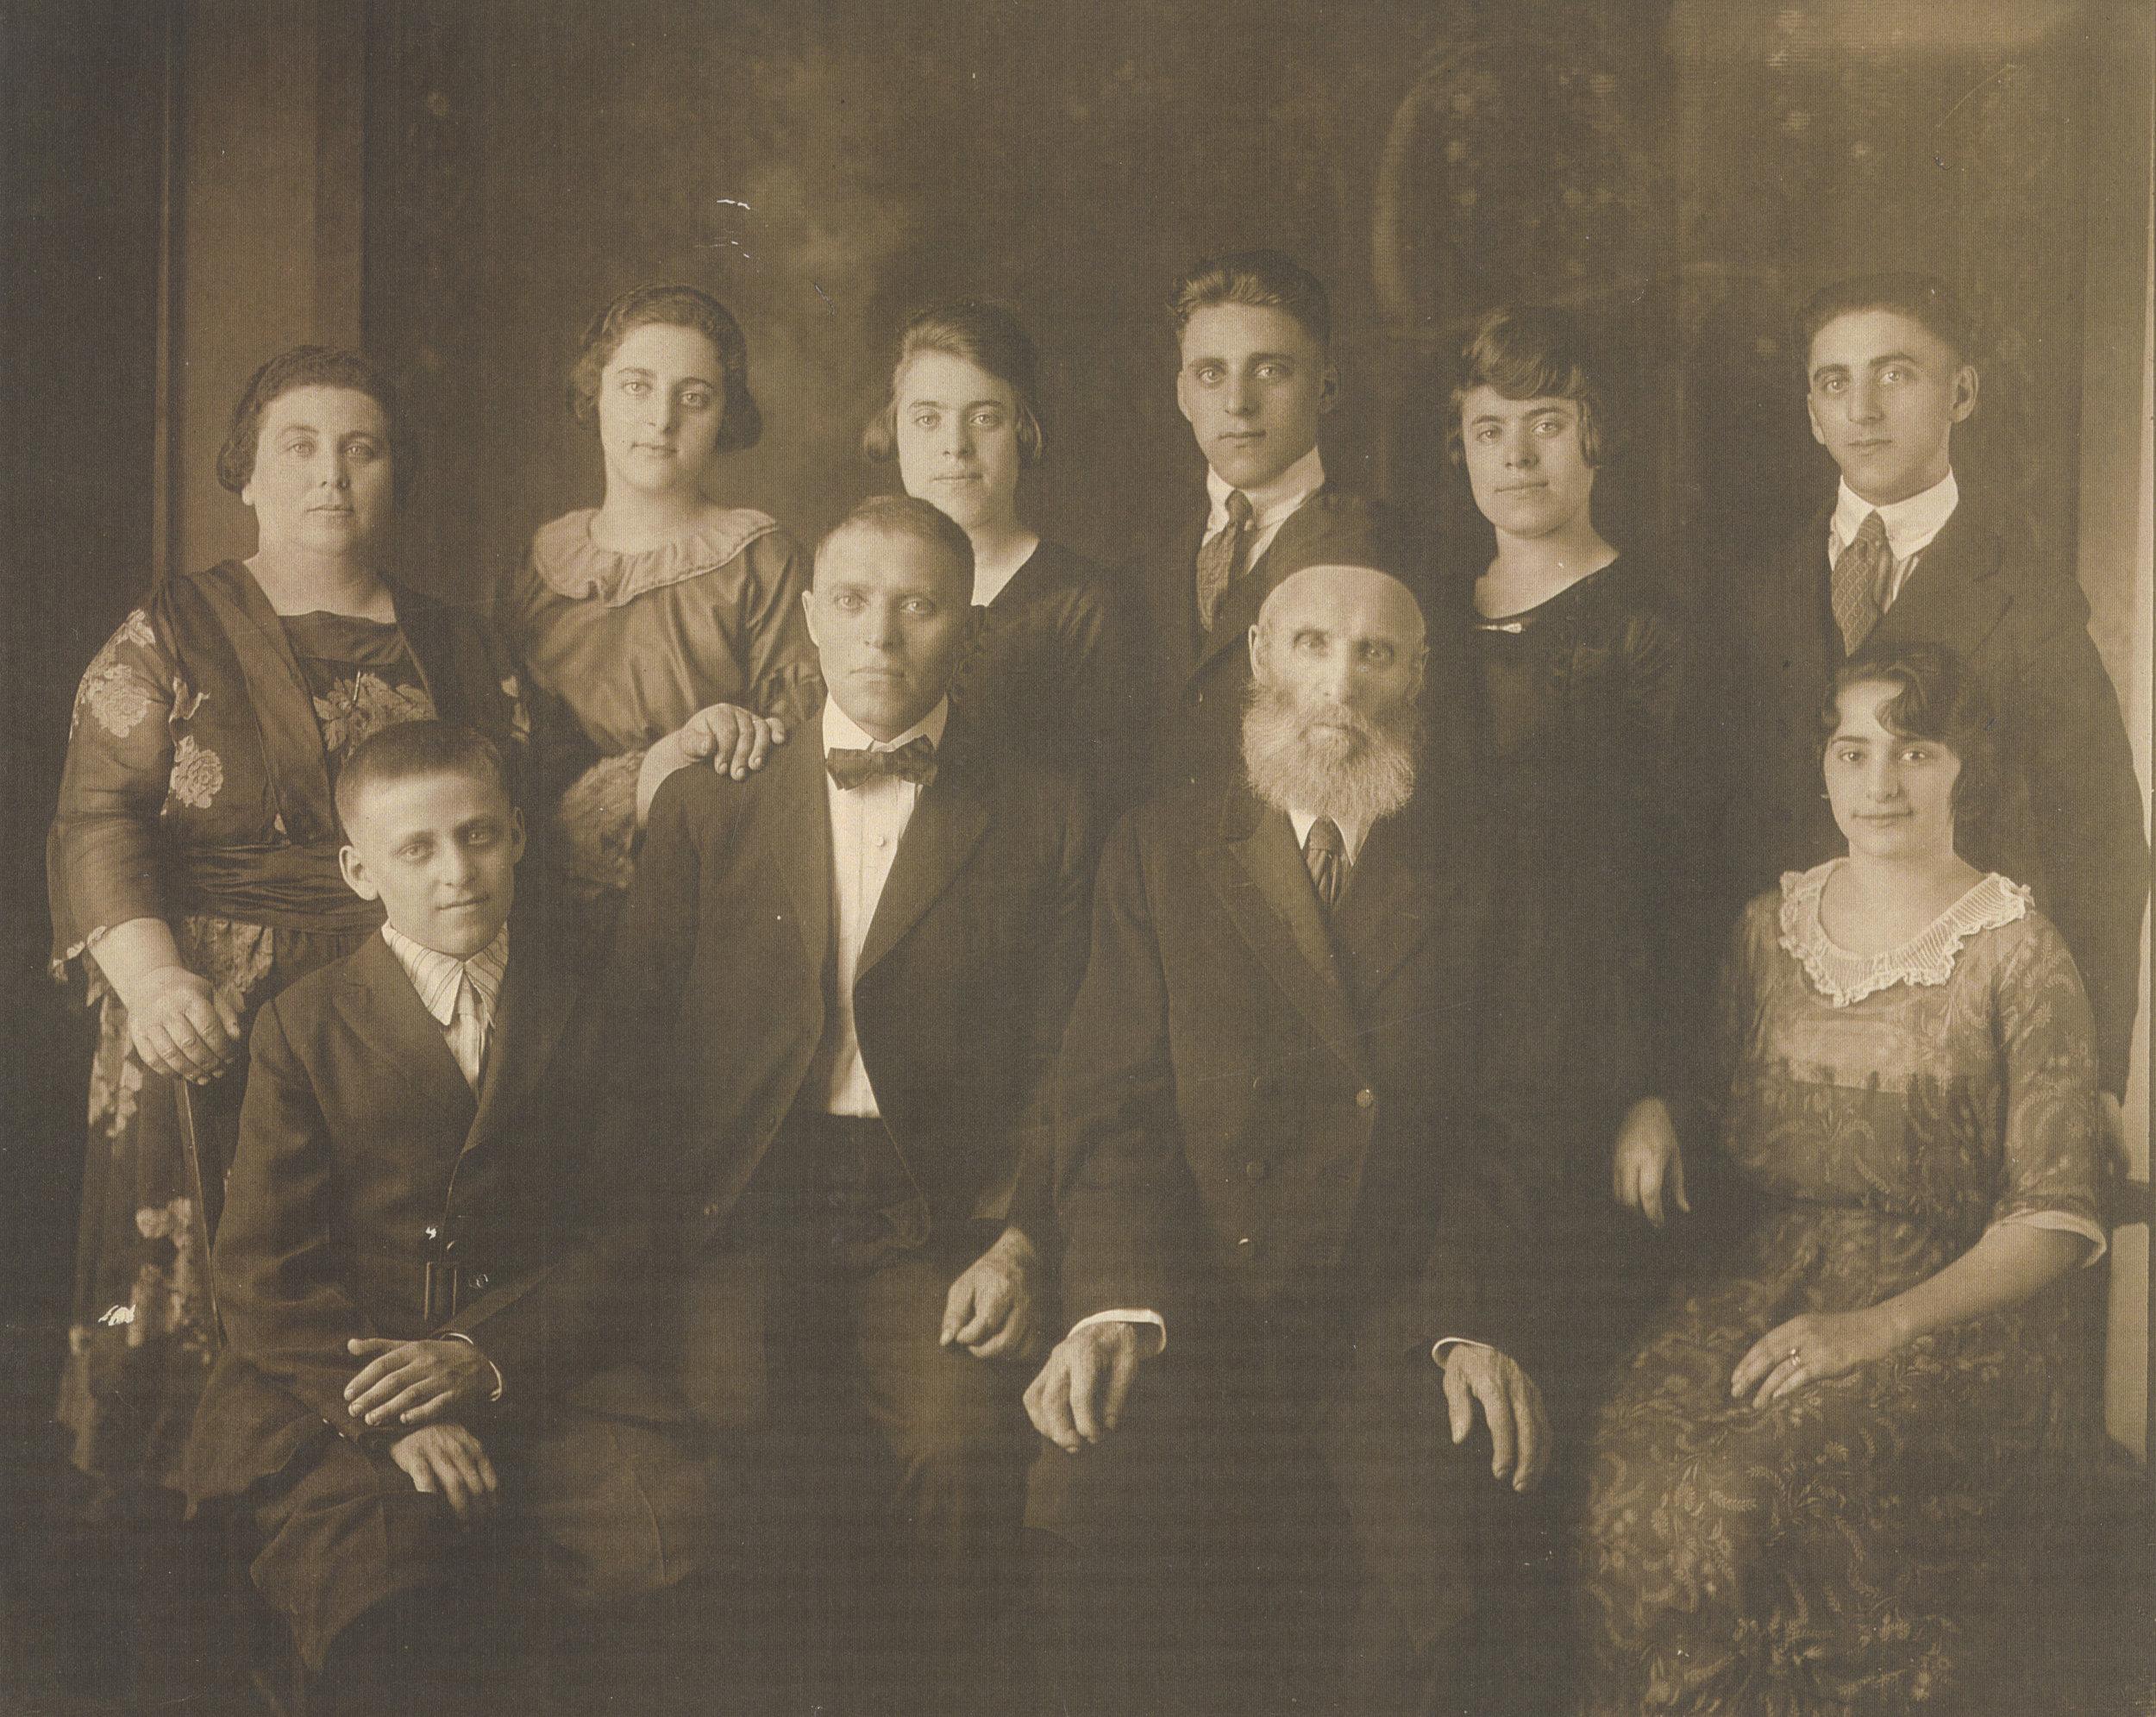 Rivkin Wedding 1920